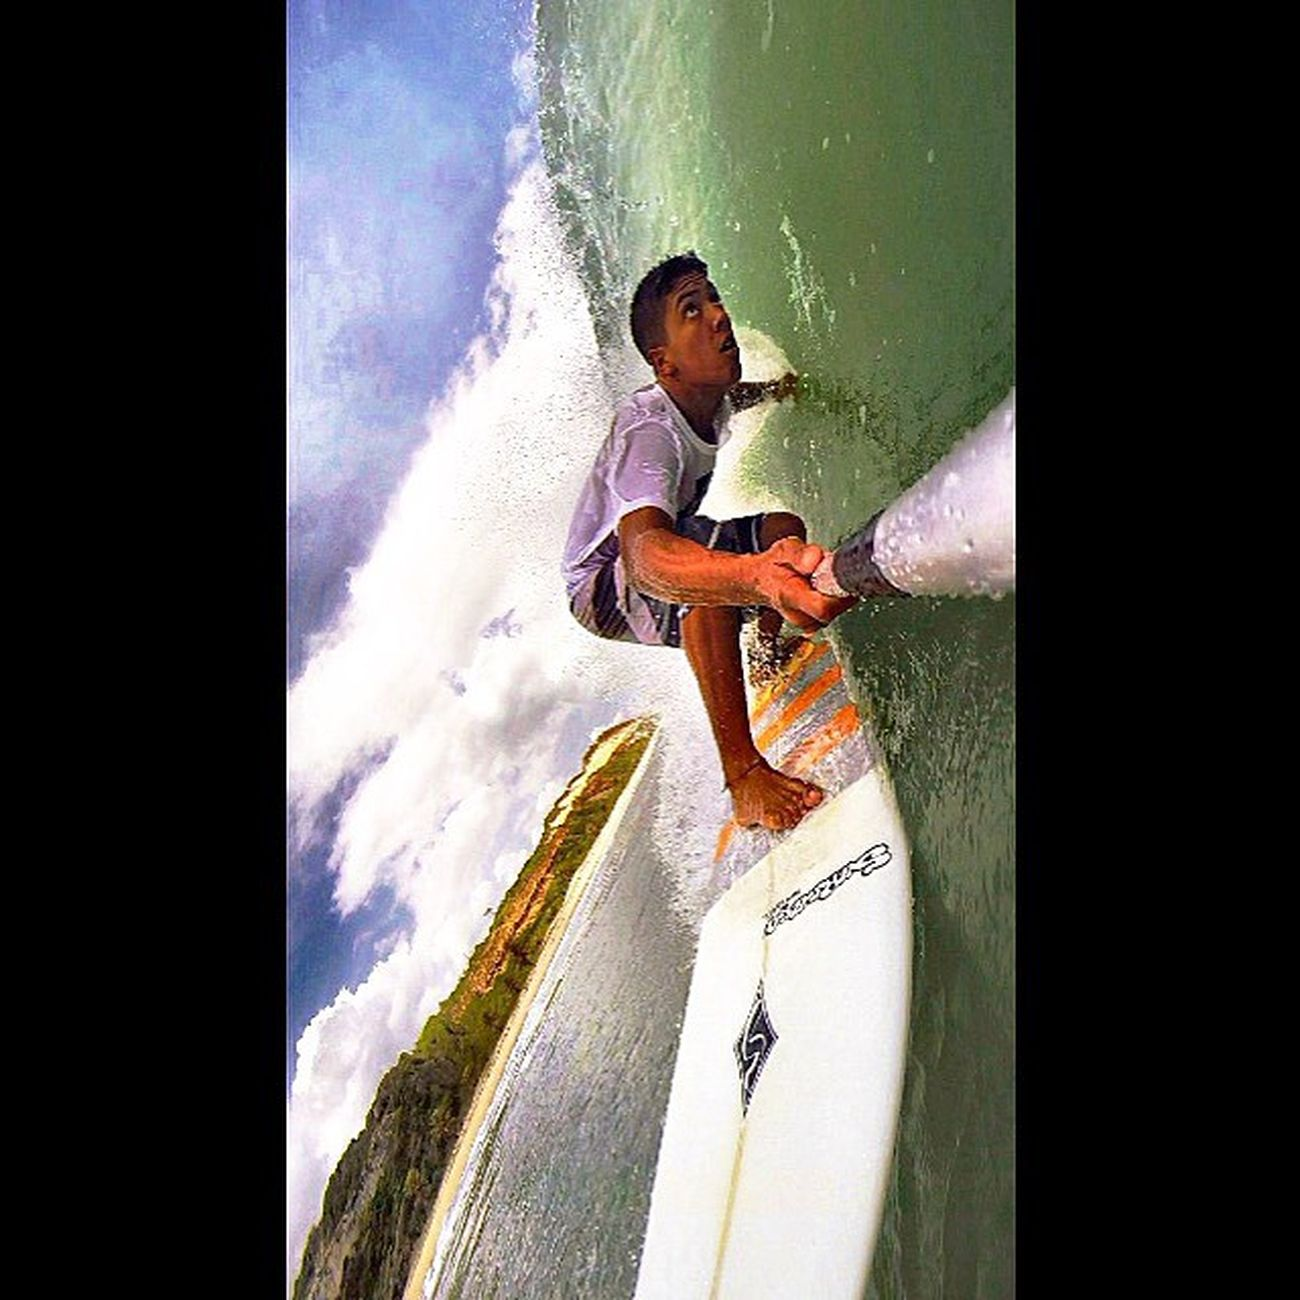 A corda que nos prende as costas, Estilo de vida, sem briga sem buum, livre costas, Quente, na prancha no skate ou no para pente, Não importa, essa que sou parente!🌊🏄🙌🌴🍃🍀☀️🌀 Phototheday Goproselfies LiveTheSearch Gopro Allallauu Surf Storm Bigswell